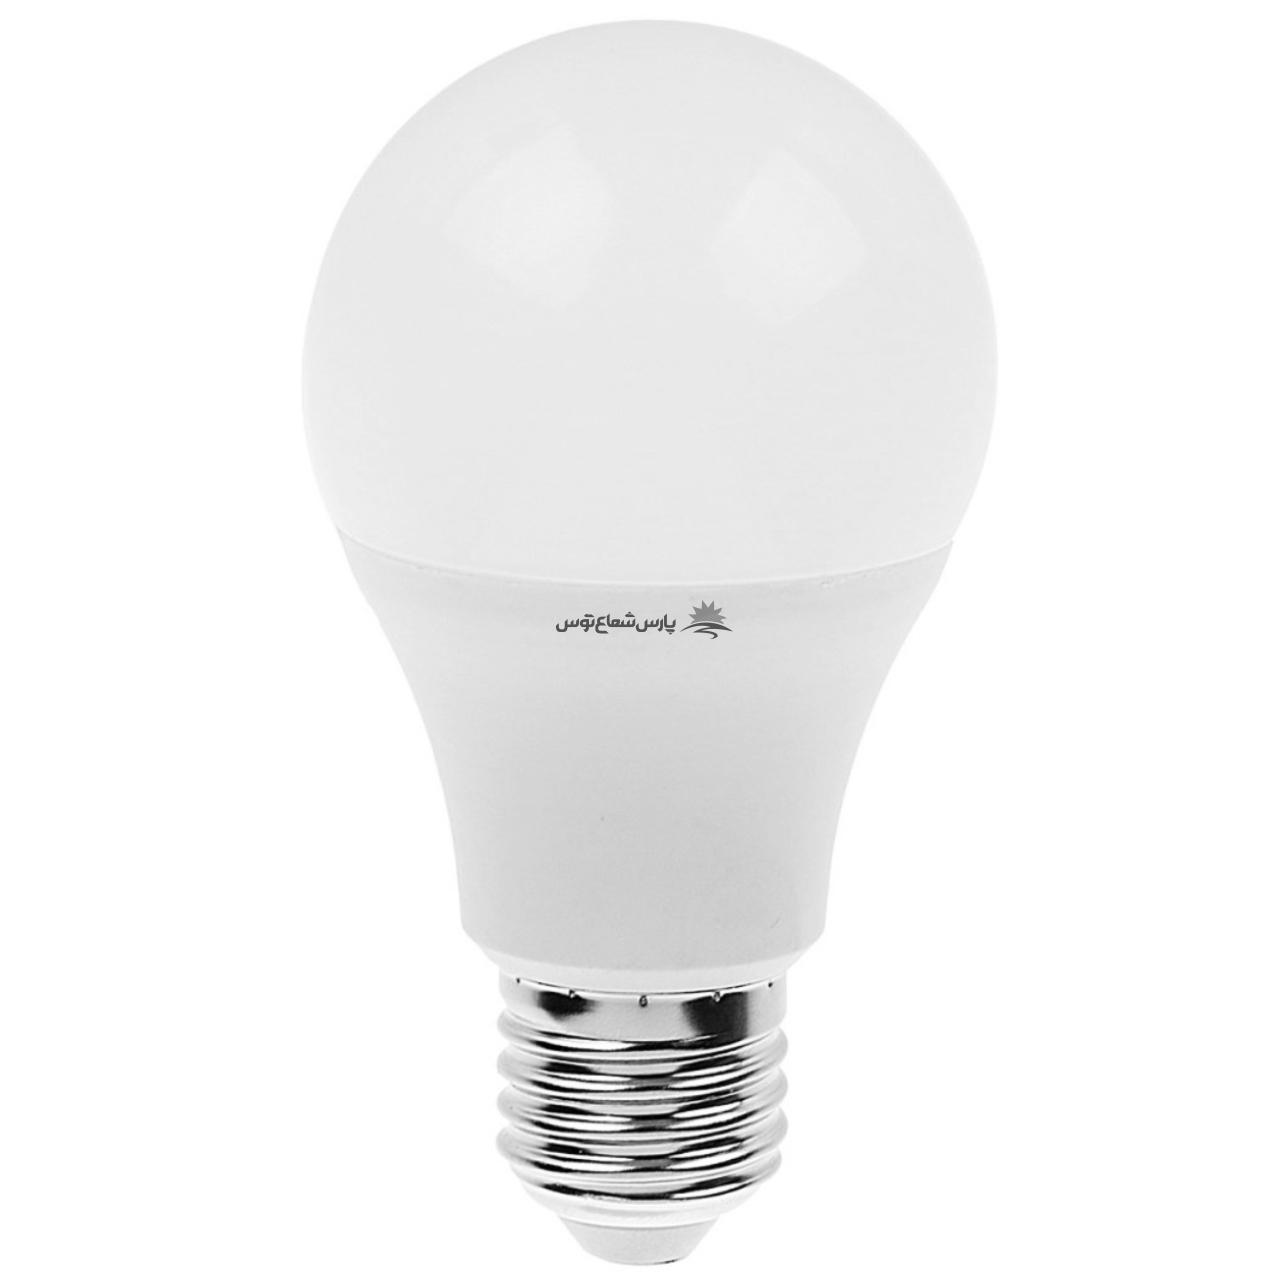 لامپ ال ای دی 9 وات پارس شعاع توس پایه E27